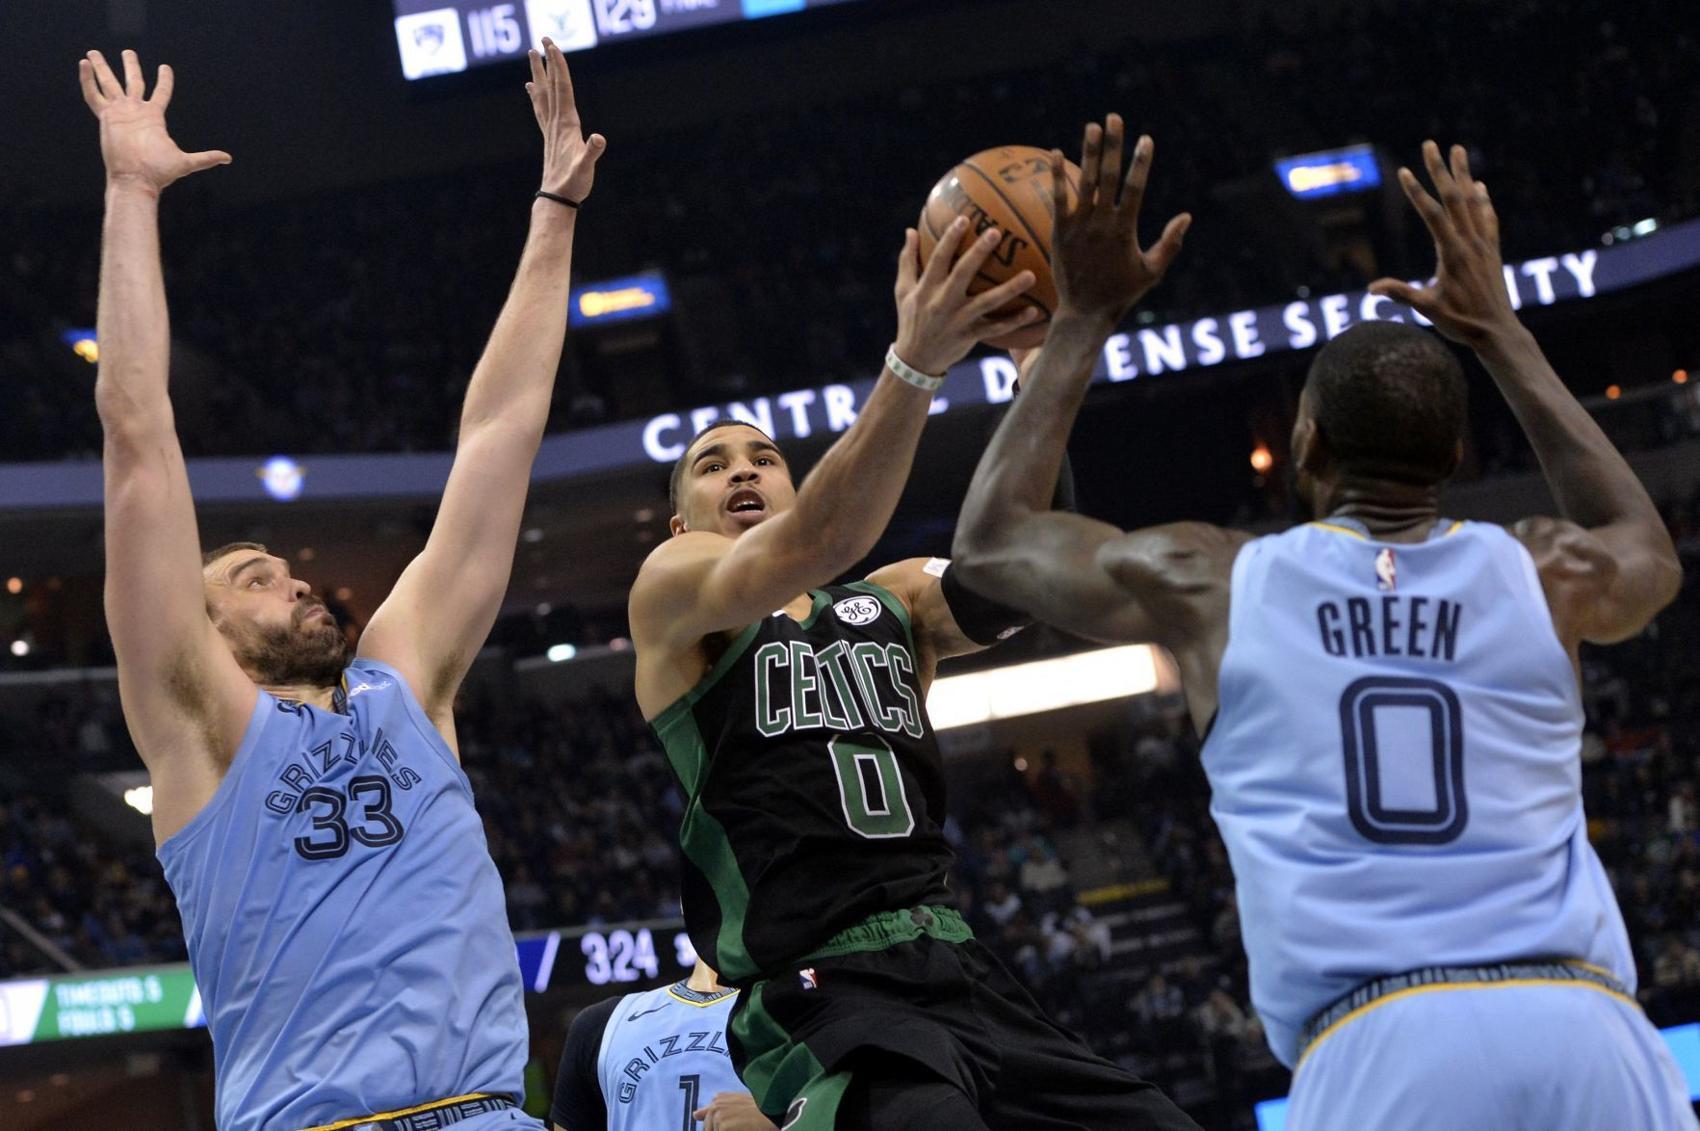 Tatum's star still rising in Boston